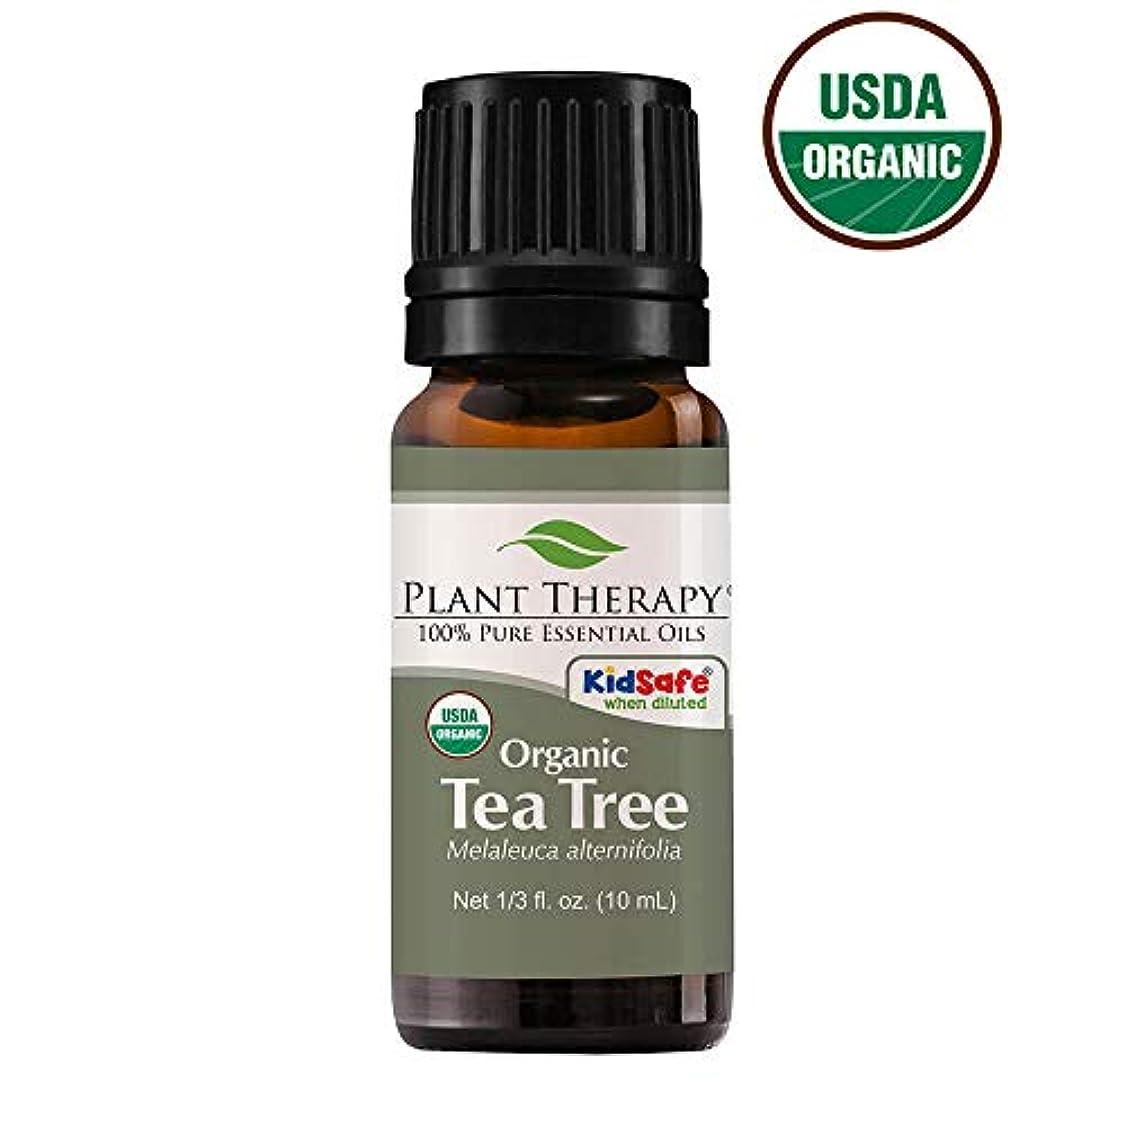 ブローホール受け継ぐ削除するPlant Therapy Essential Oils (プラントセラピー エッセンシャルオイル) オーガニック ティーツリー (メラルーカ) エッセンシャルオイル